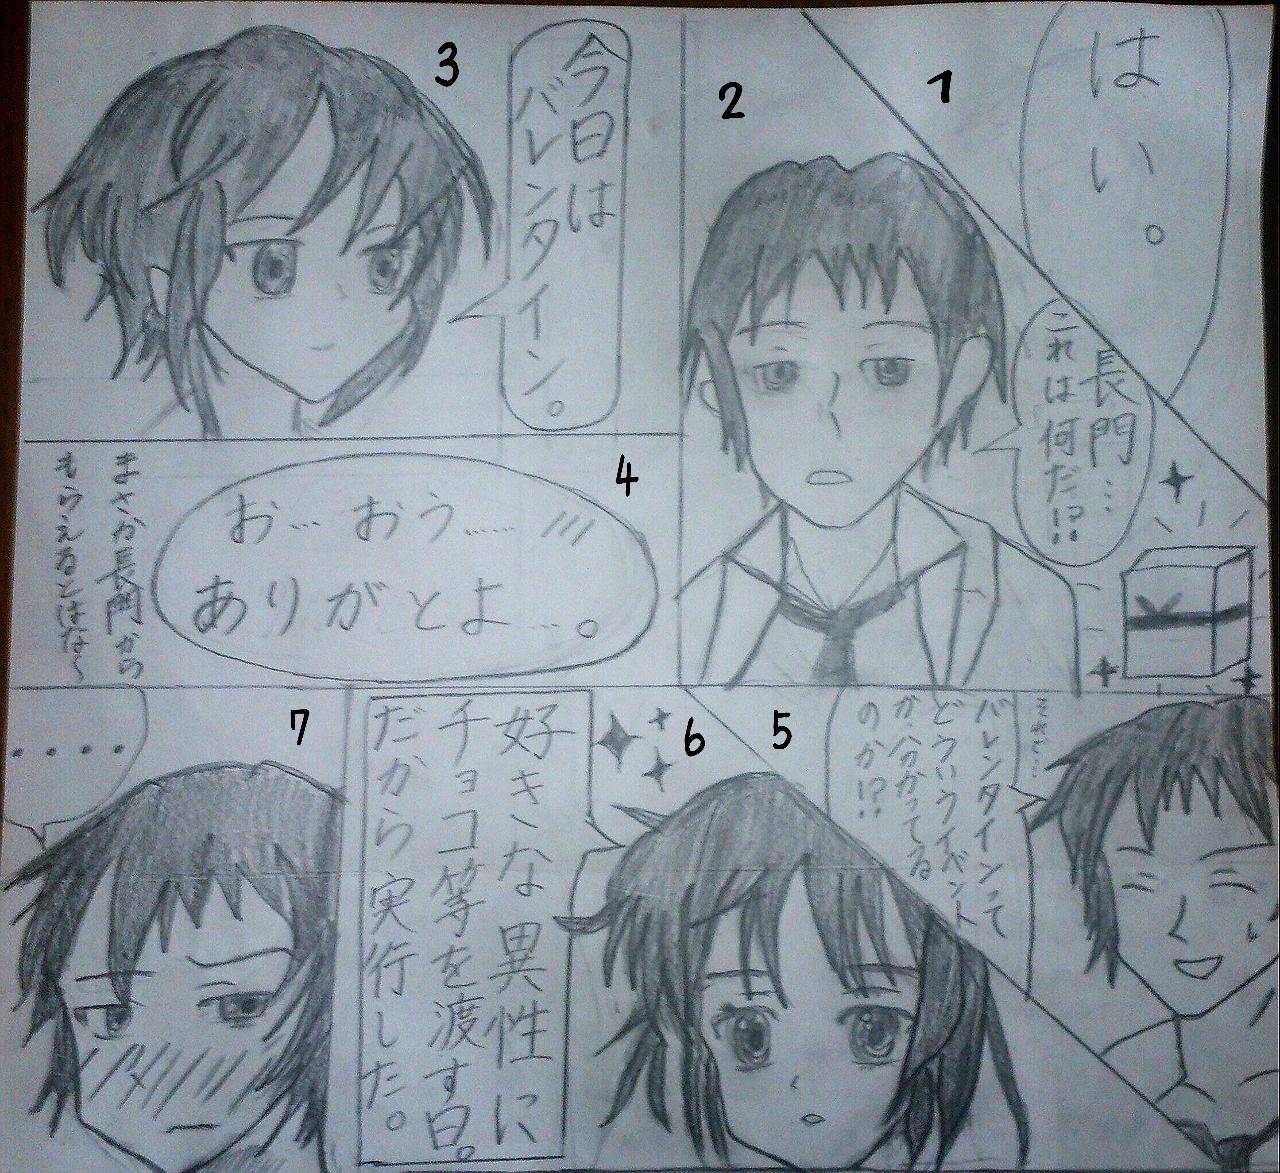 キョン長漫画(ハルヒワンドロ)